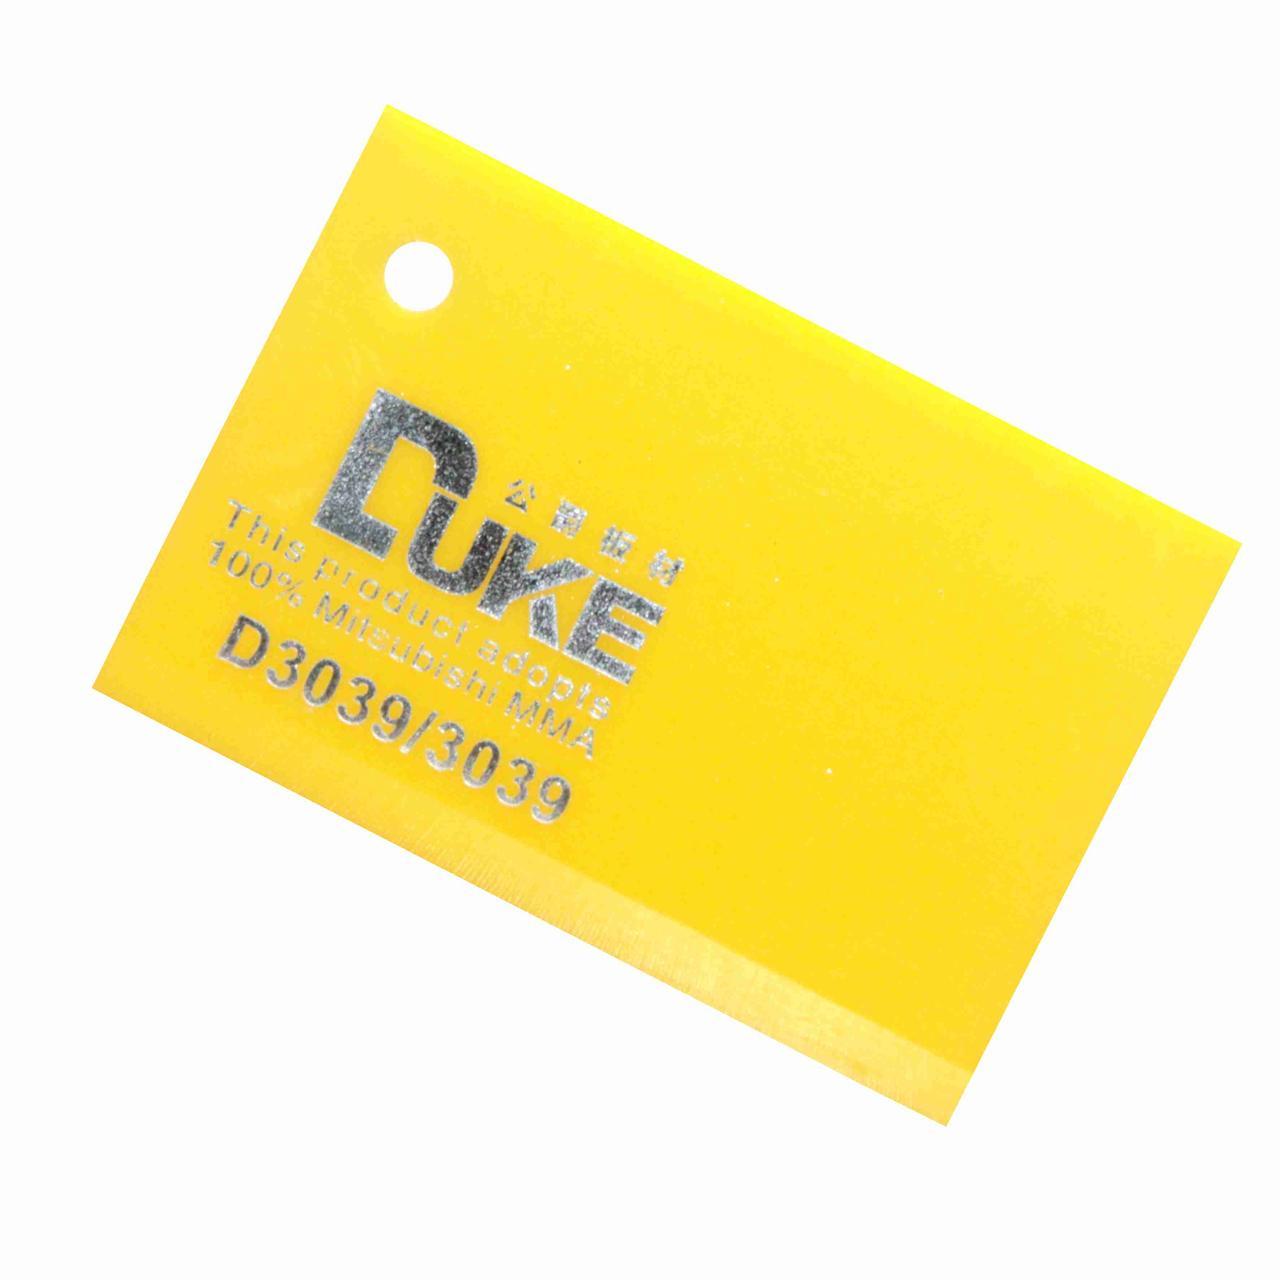 Акрил лимонный №3039 (3мм) 1,22мХ2,44м